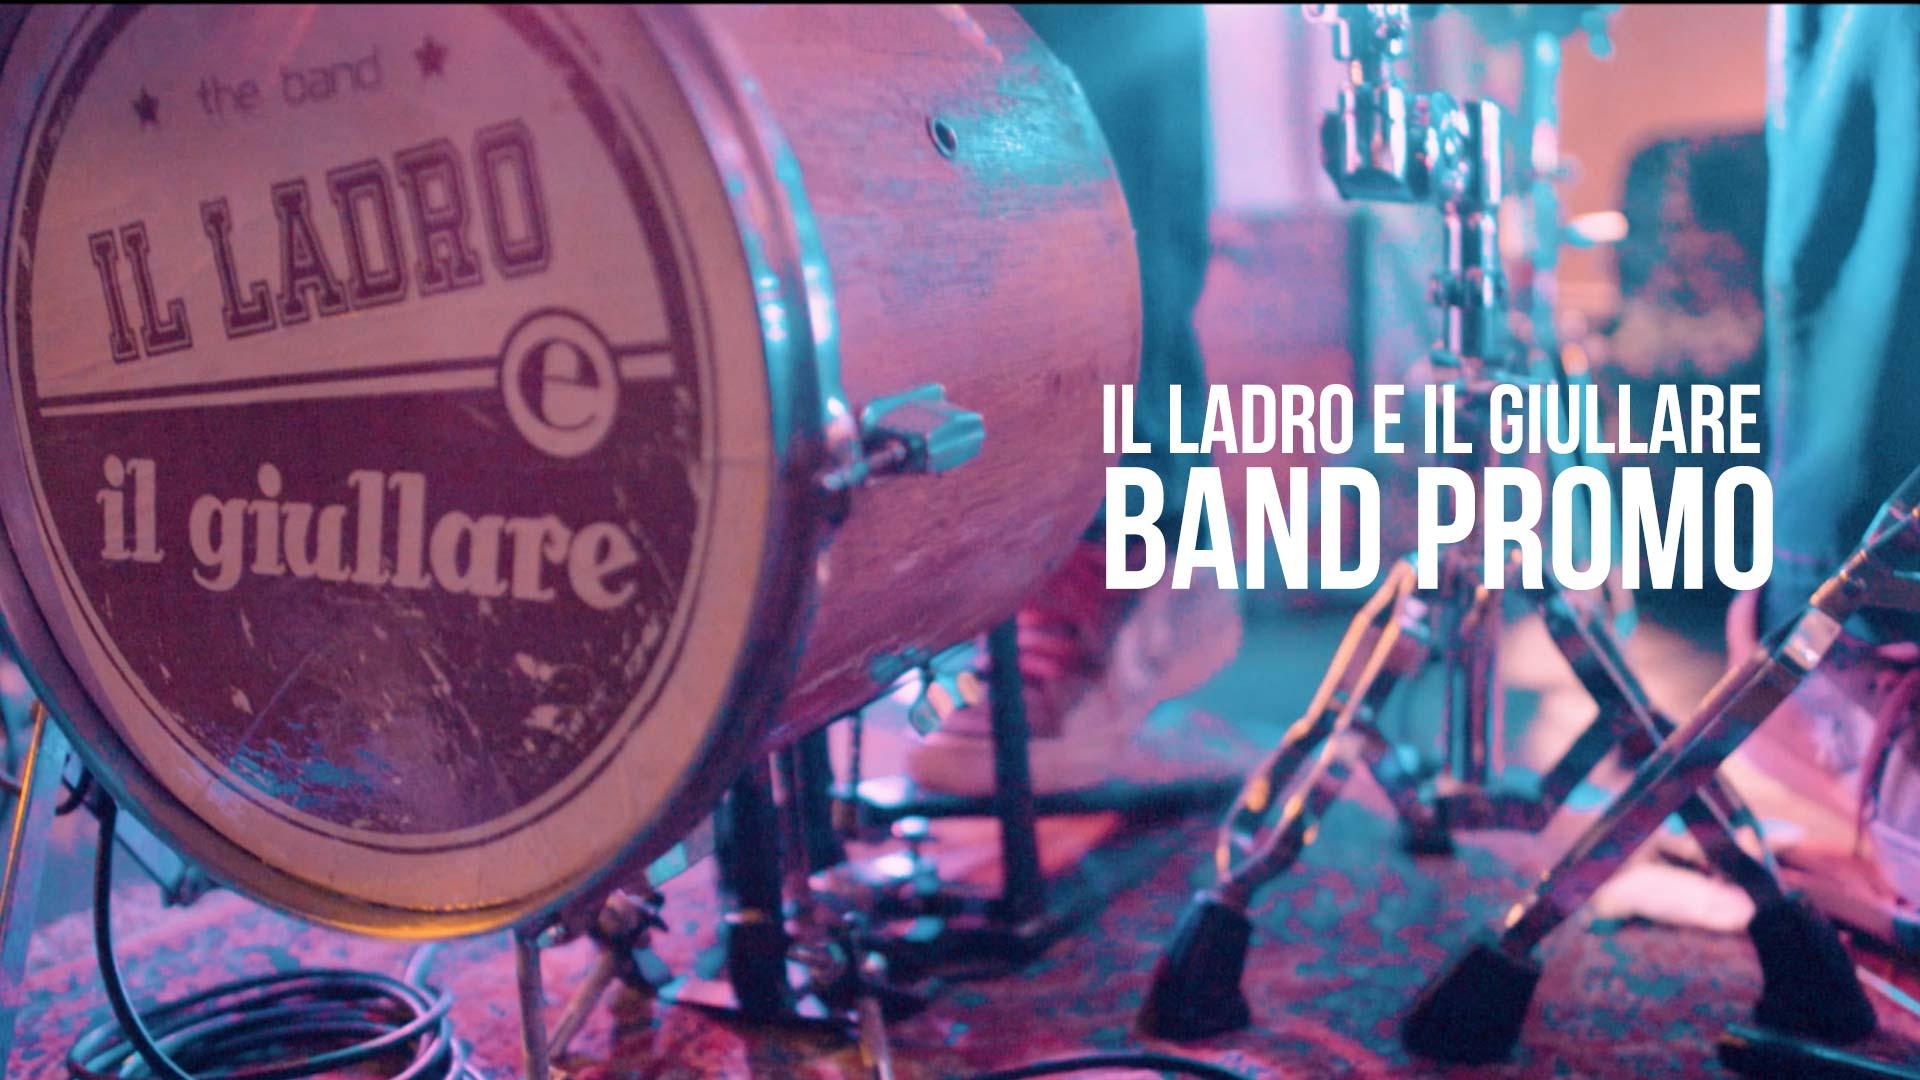 Il ladro il giullare - band promo